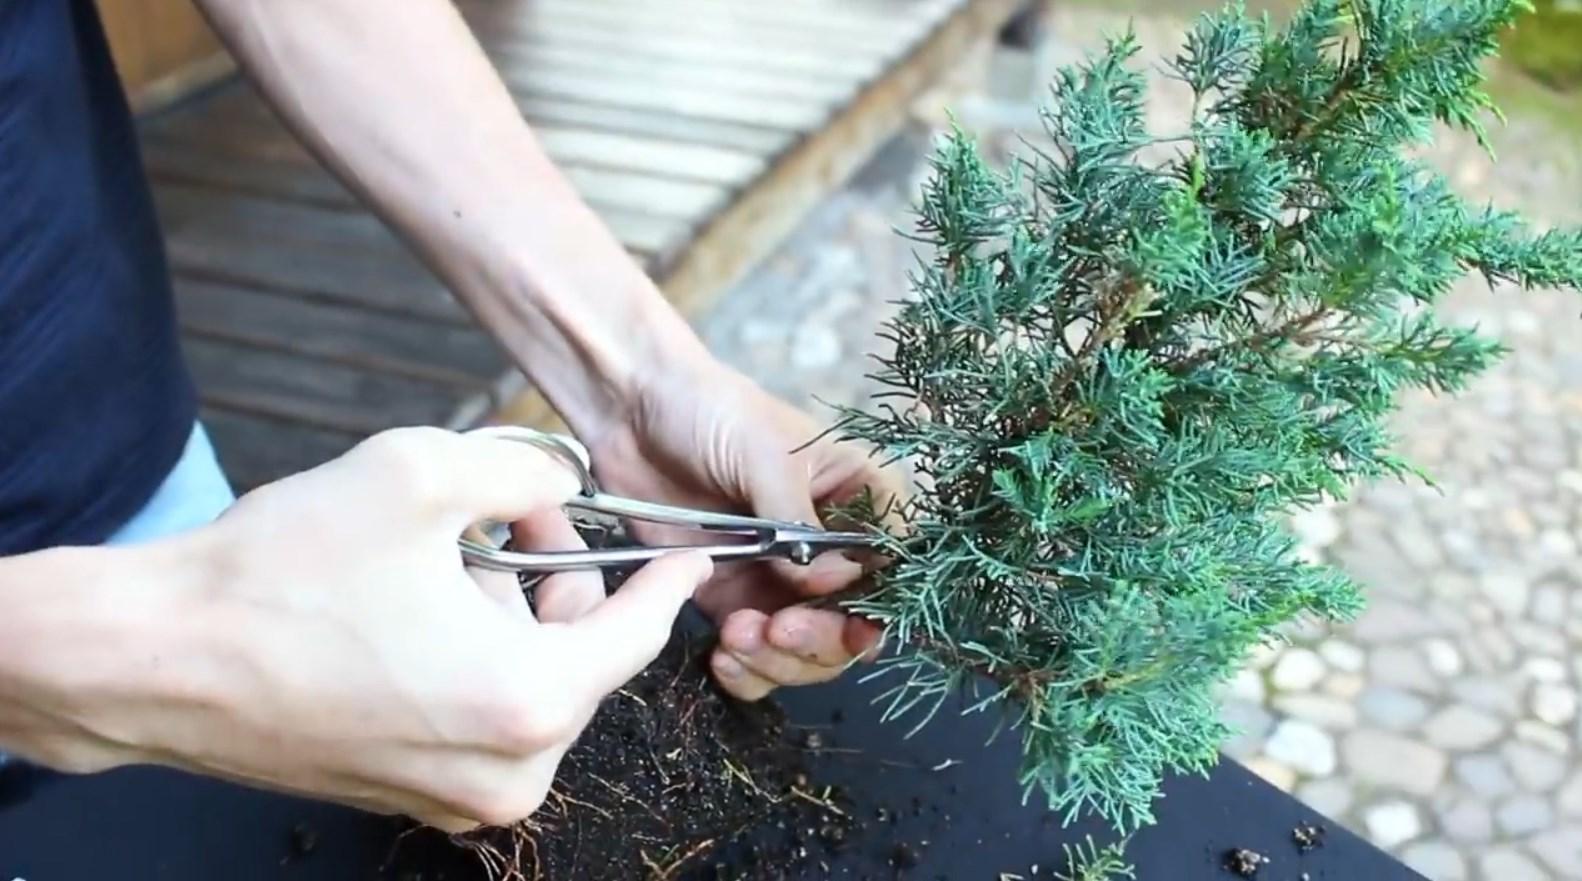 07.-Como-crear-un-bonsai-de-enebro-limpieza-3.jpg